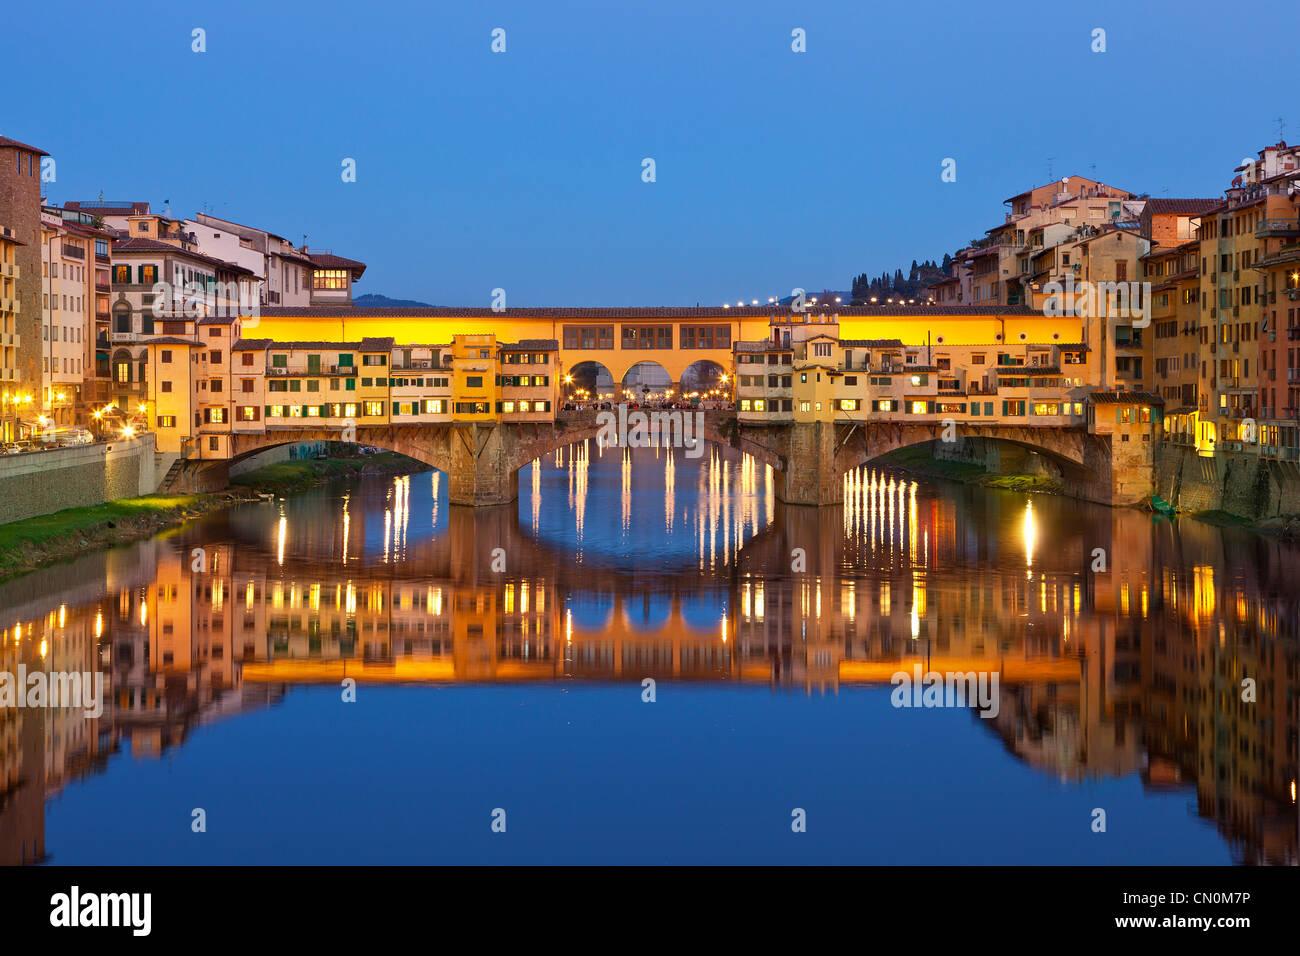 L'Europe, Italie, Florence, Ponte Vecchio sur l'Arno au crépuscule Photo Stock